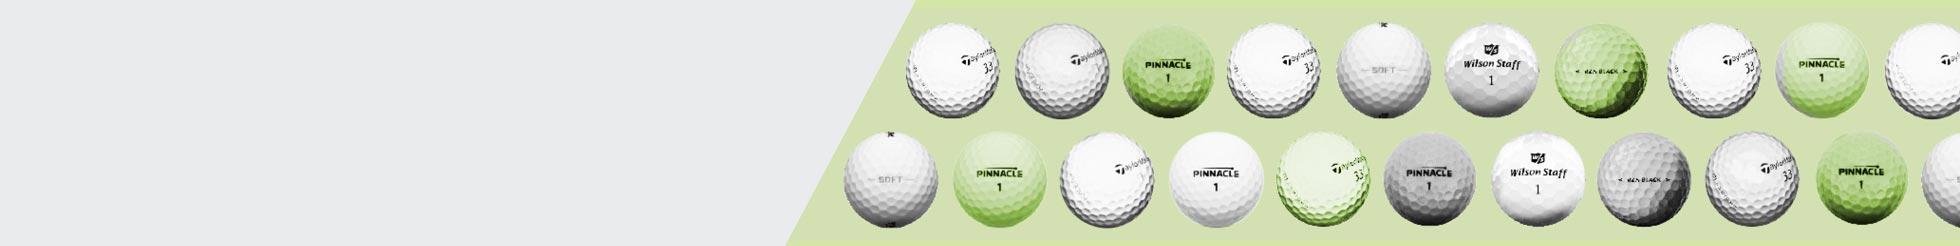 2-Piece Golfbälle